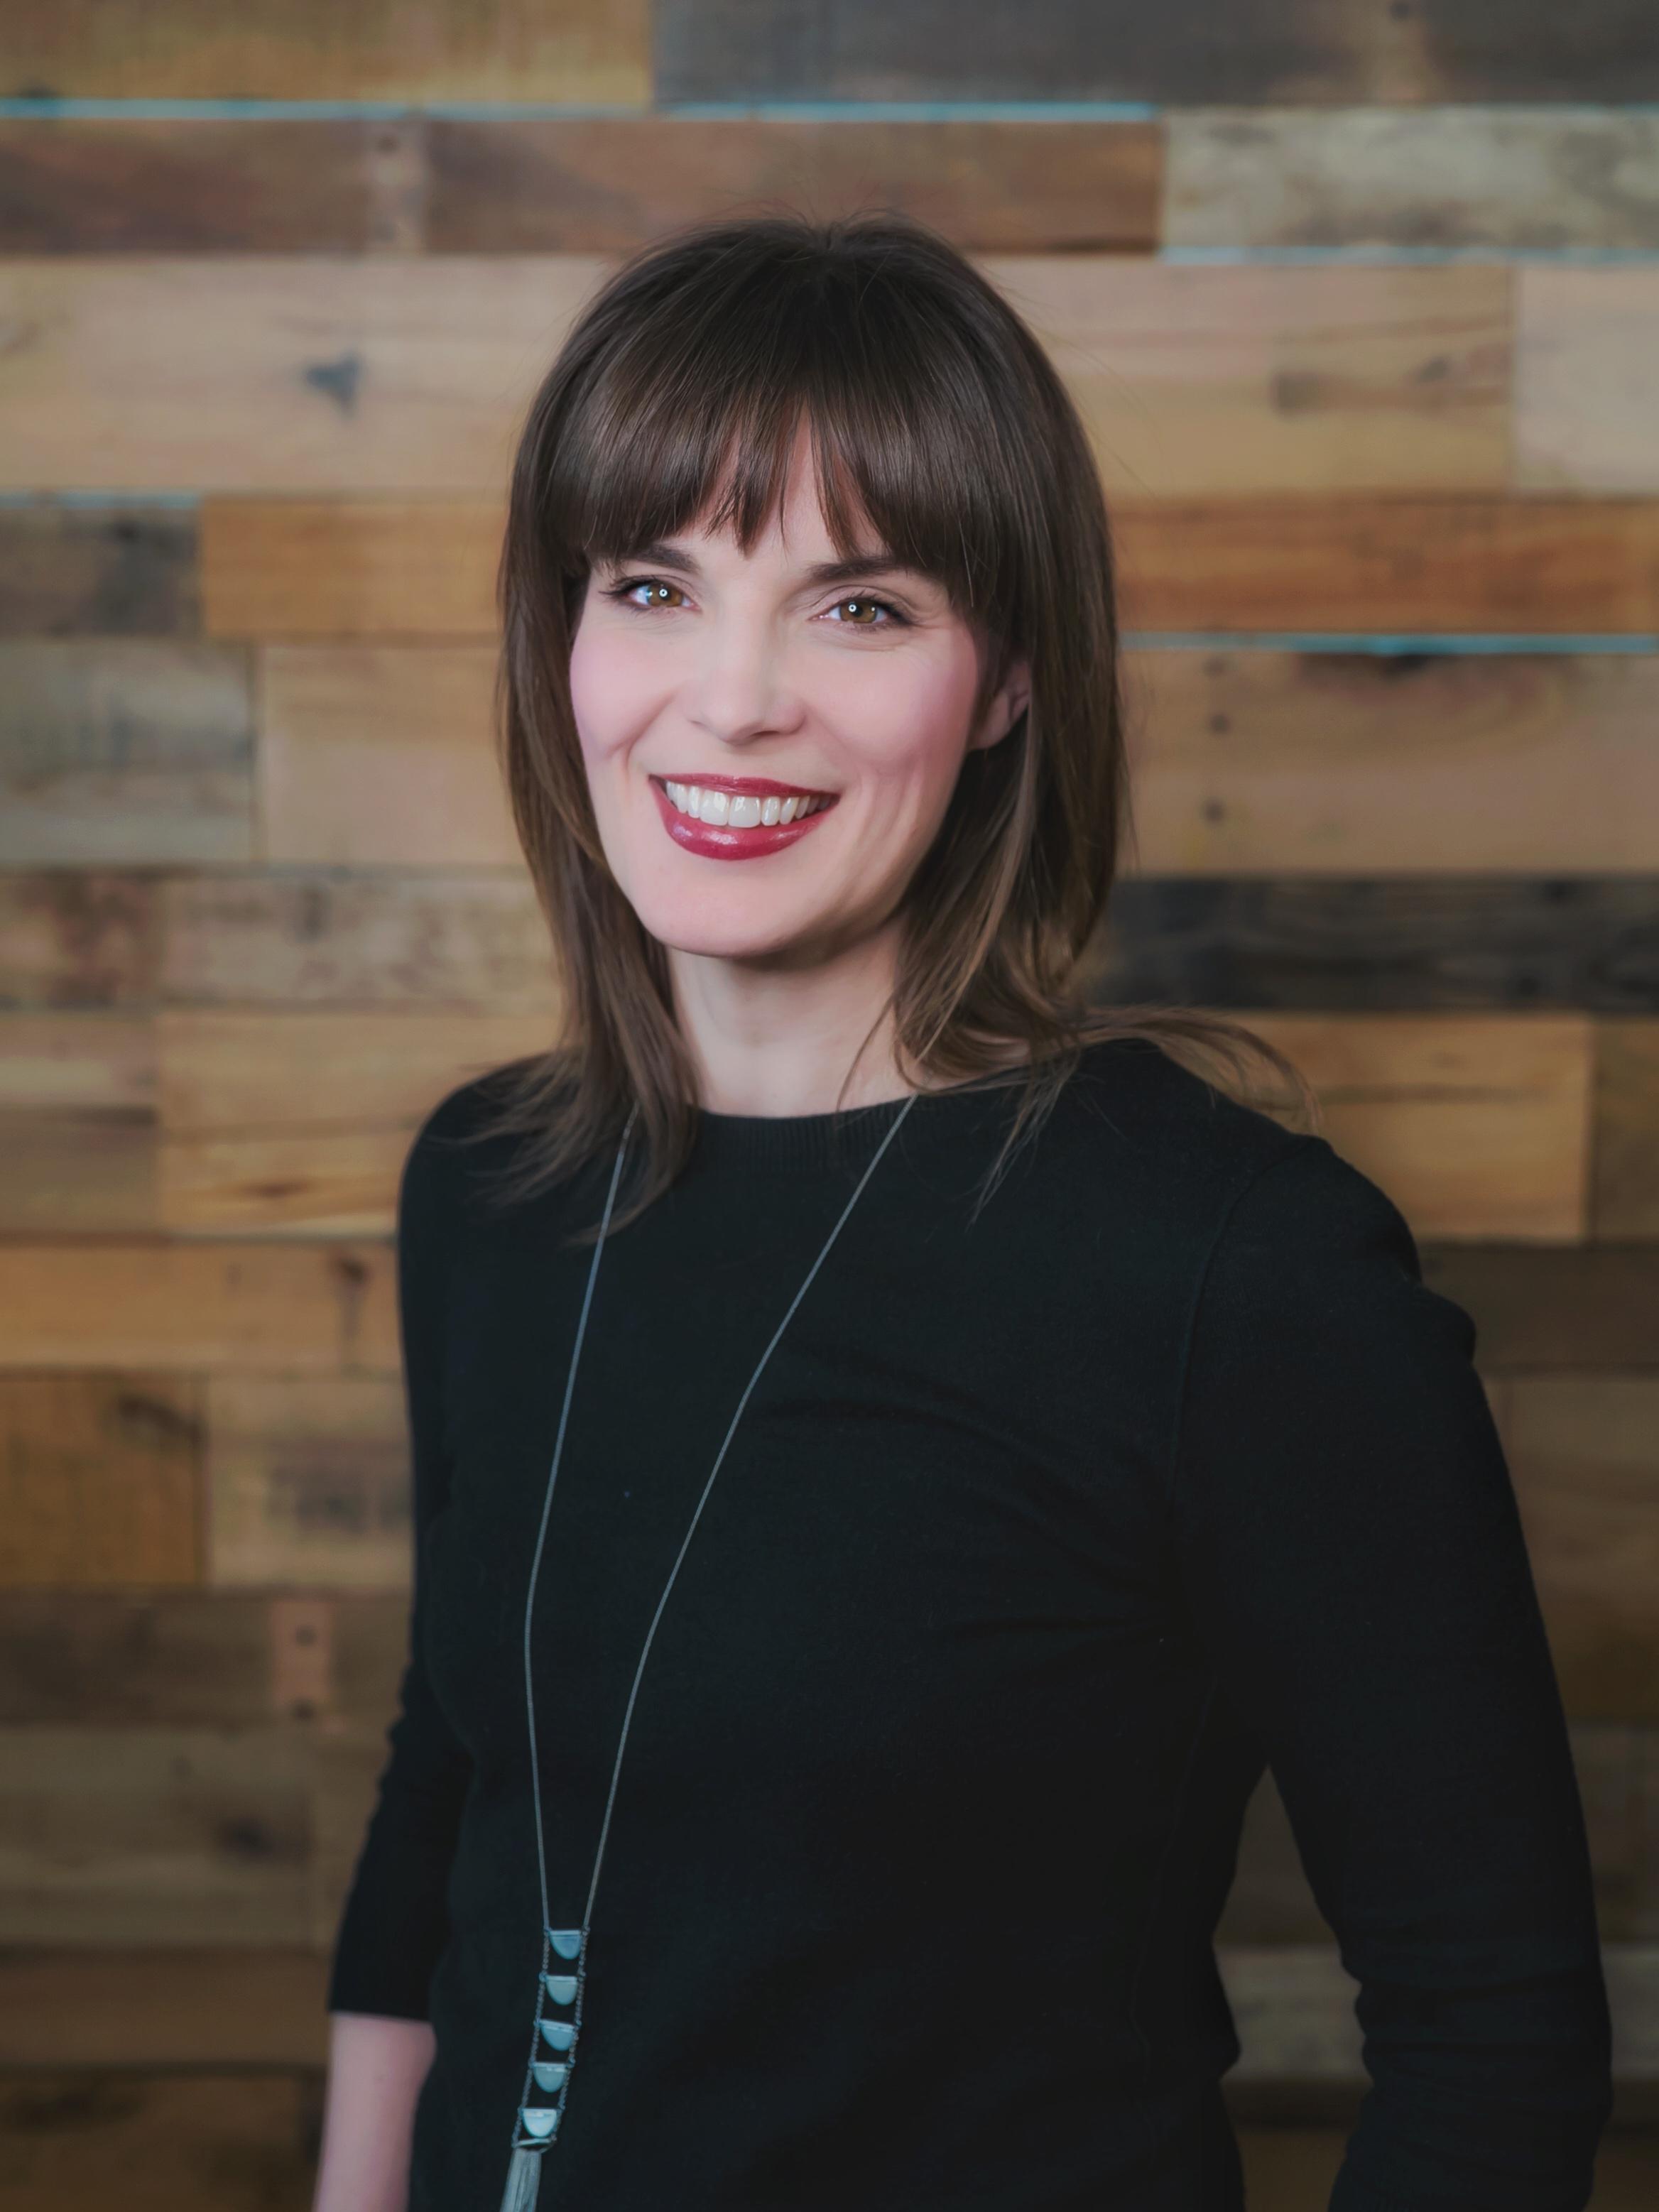 Carla Godwin